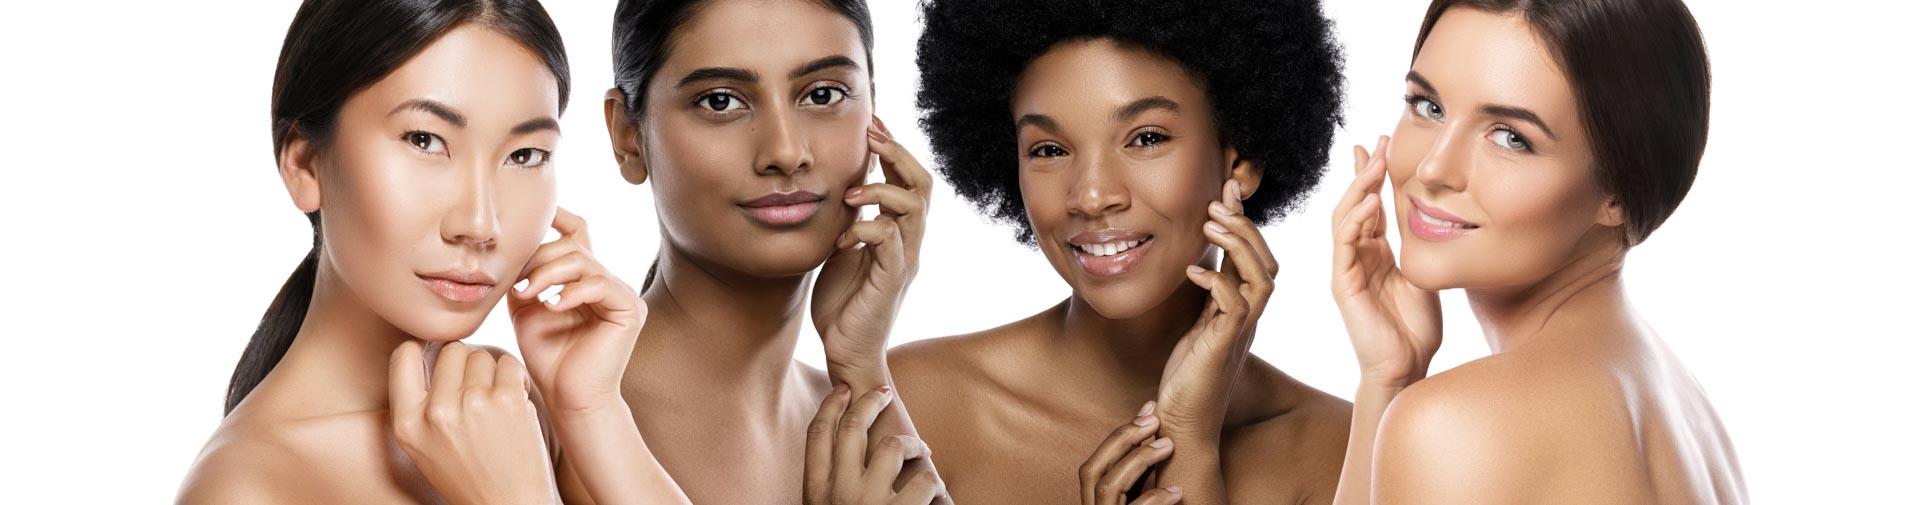 Privacy | Palo Alto Laser & Skin Care